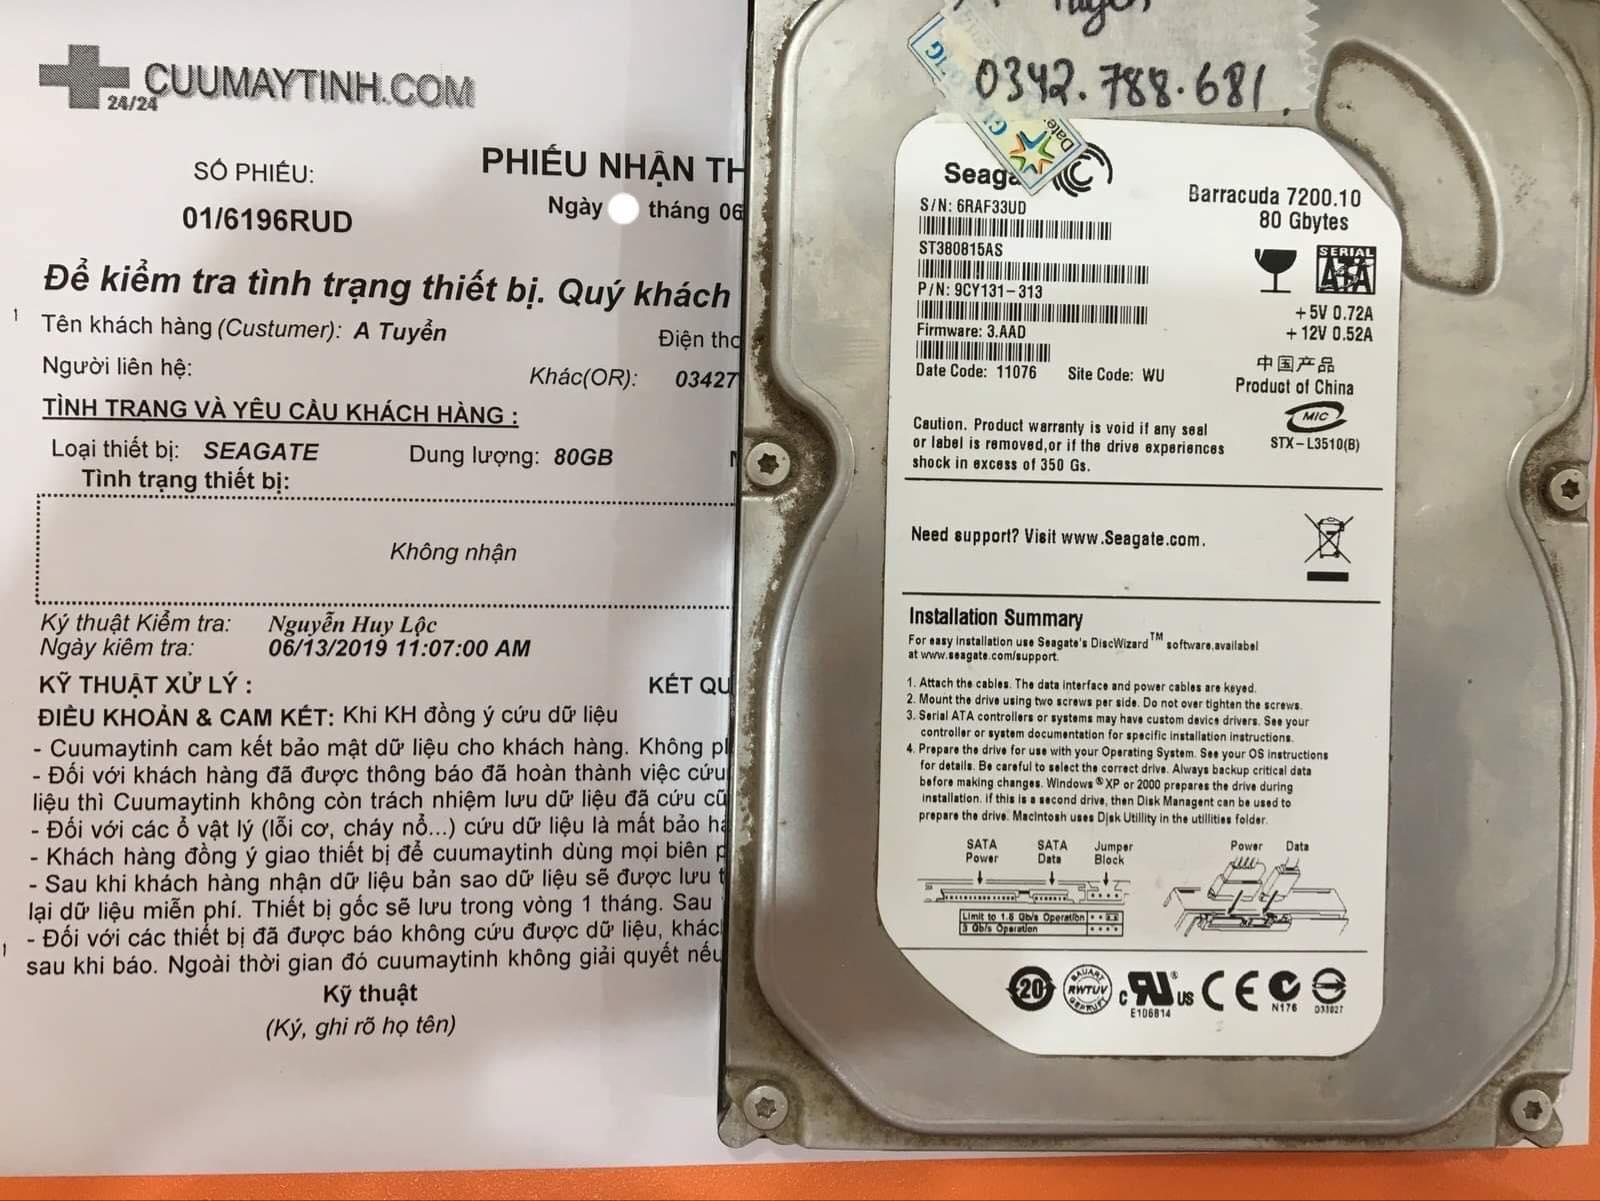 Lấy dữ liệu ổ cứng Seagate 80GB không nhận 15/06/2019 - cuumaytinh